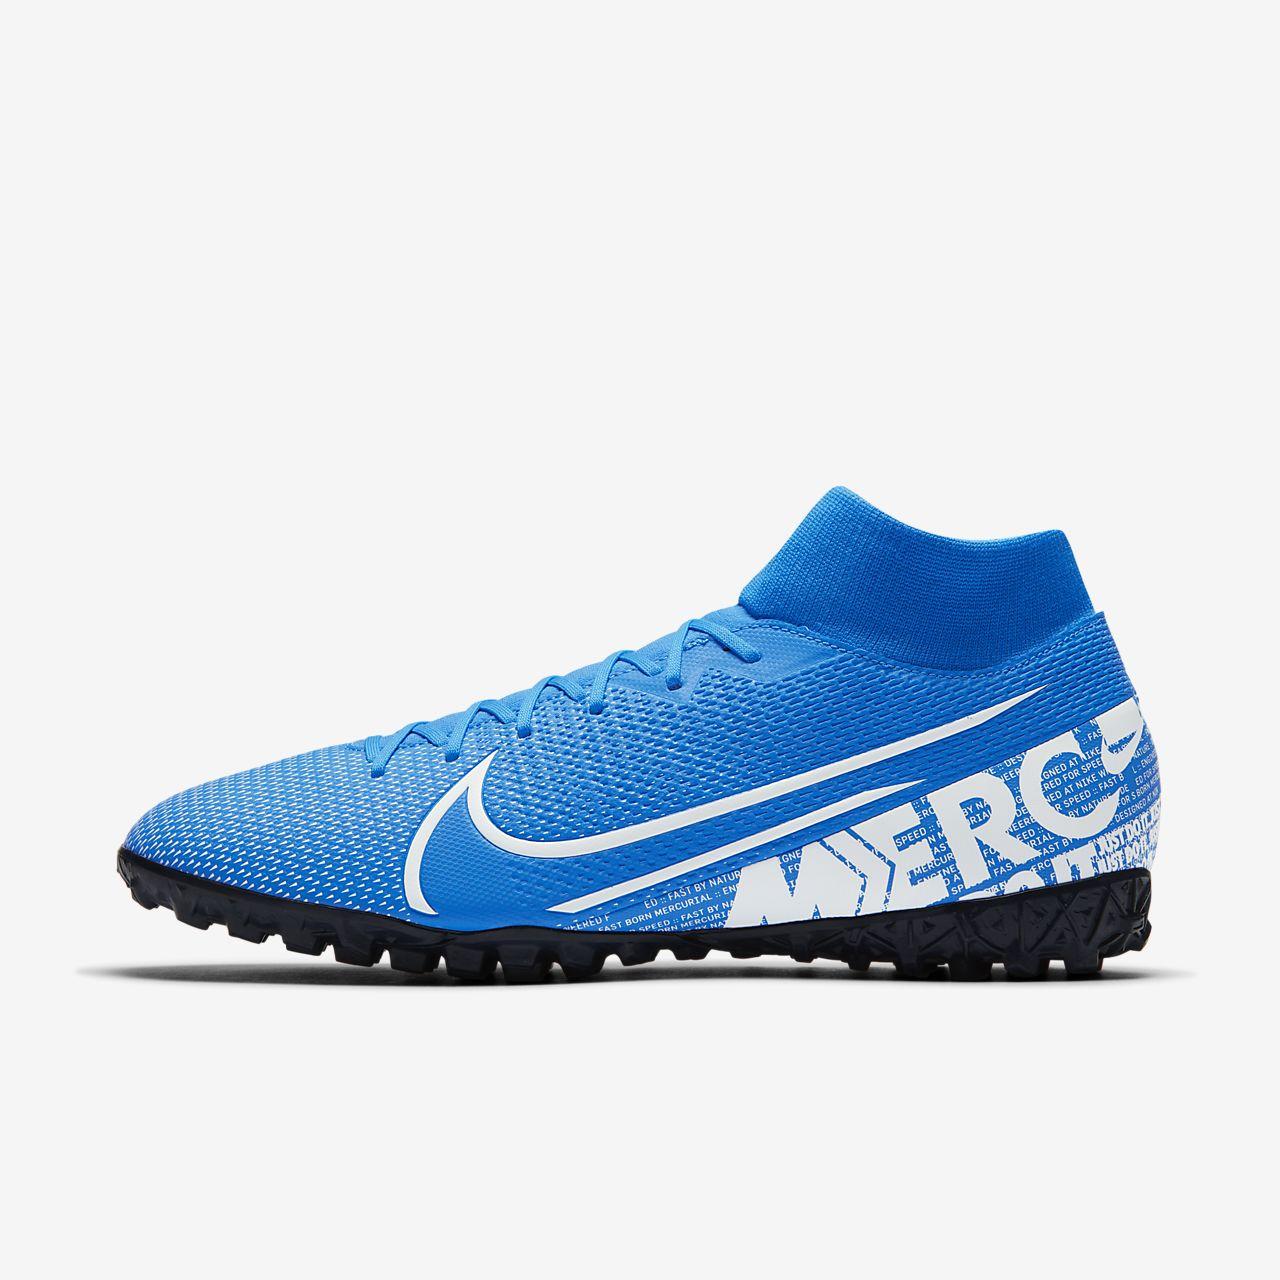 Scarpa da calcio per erba artificialesintetica Nike Mercurial Superfly 7 Academy TF